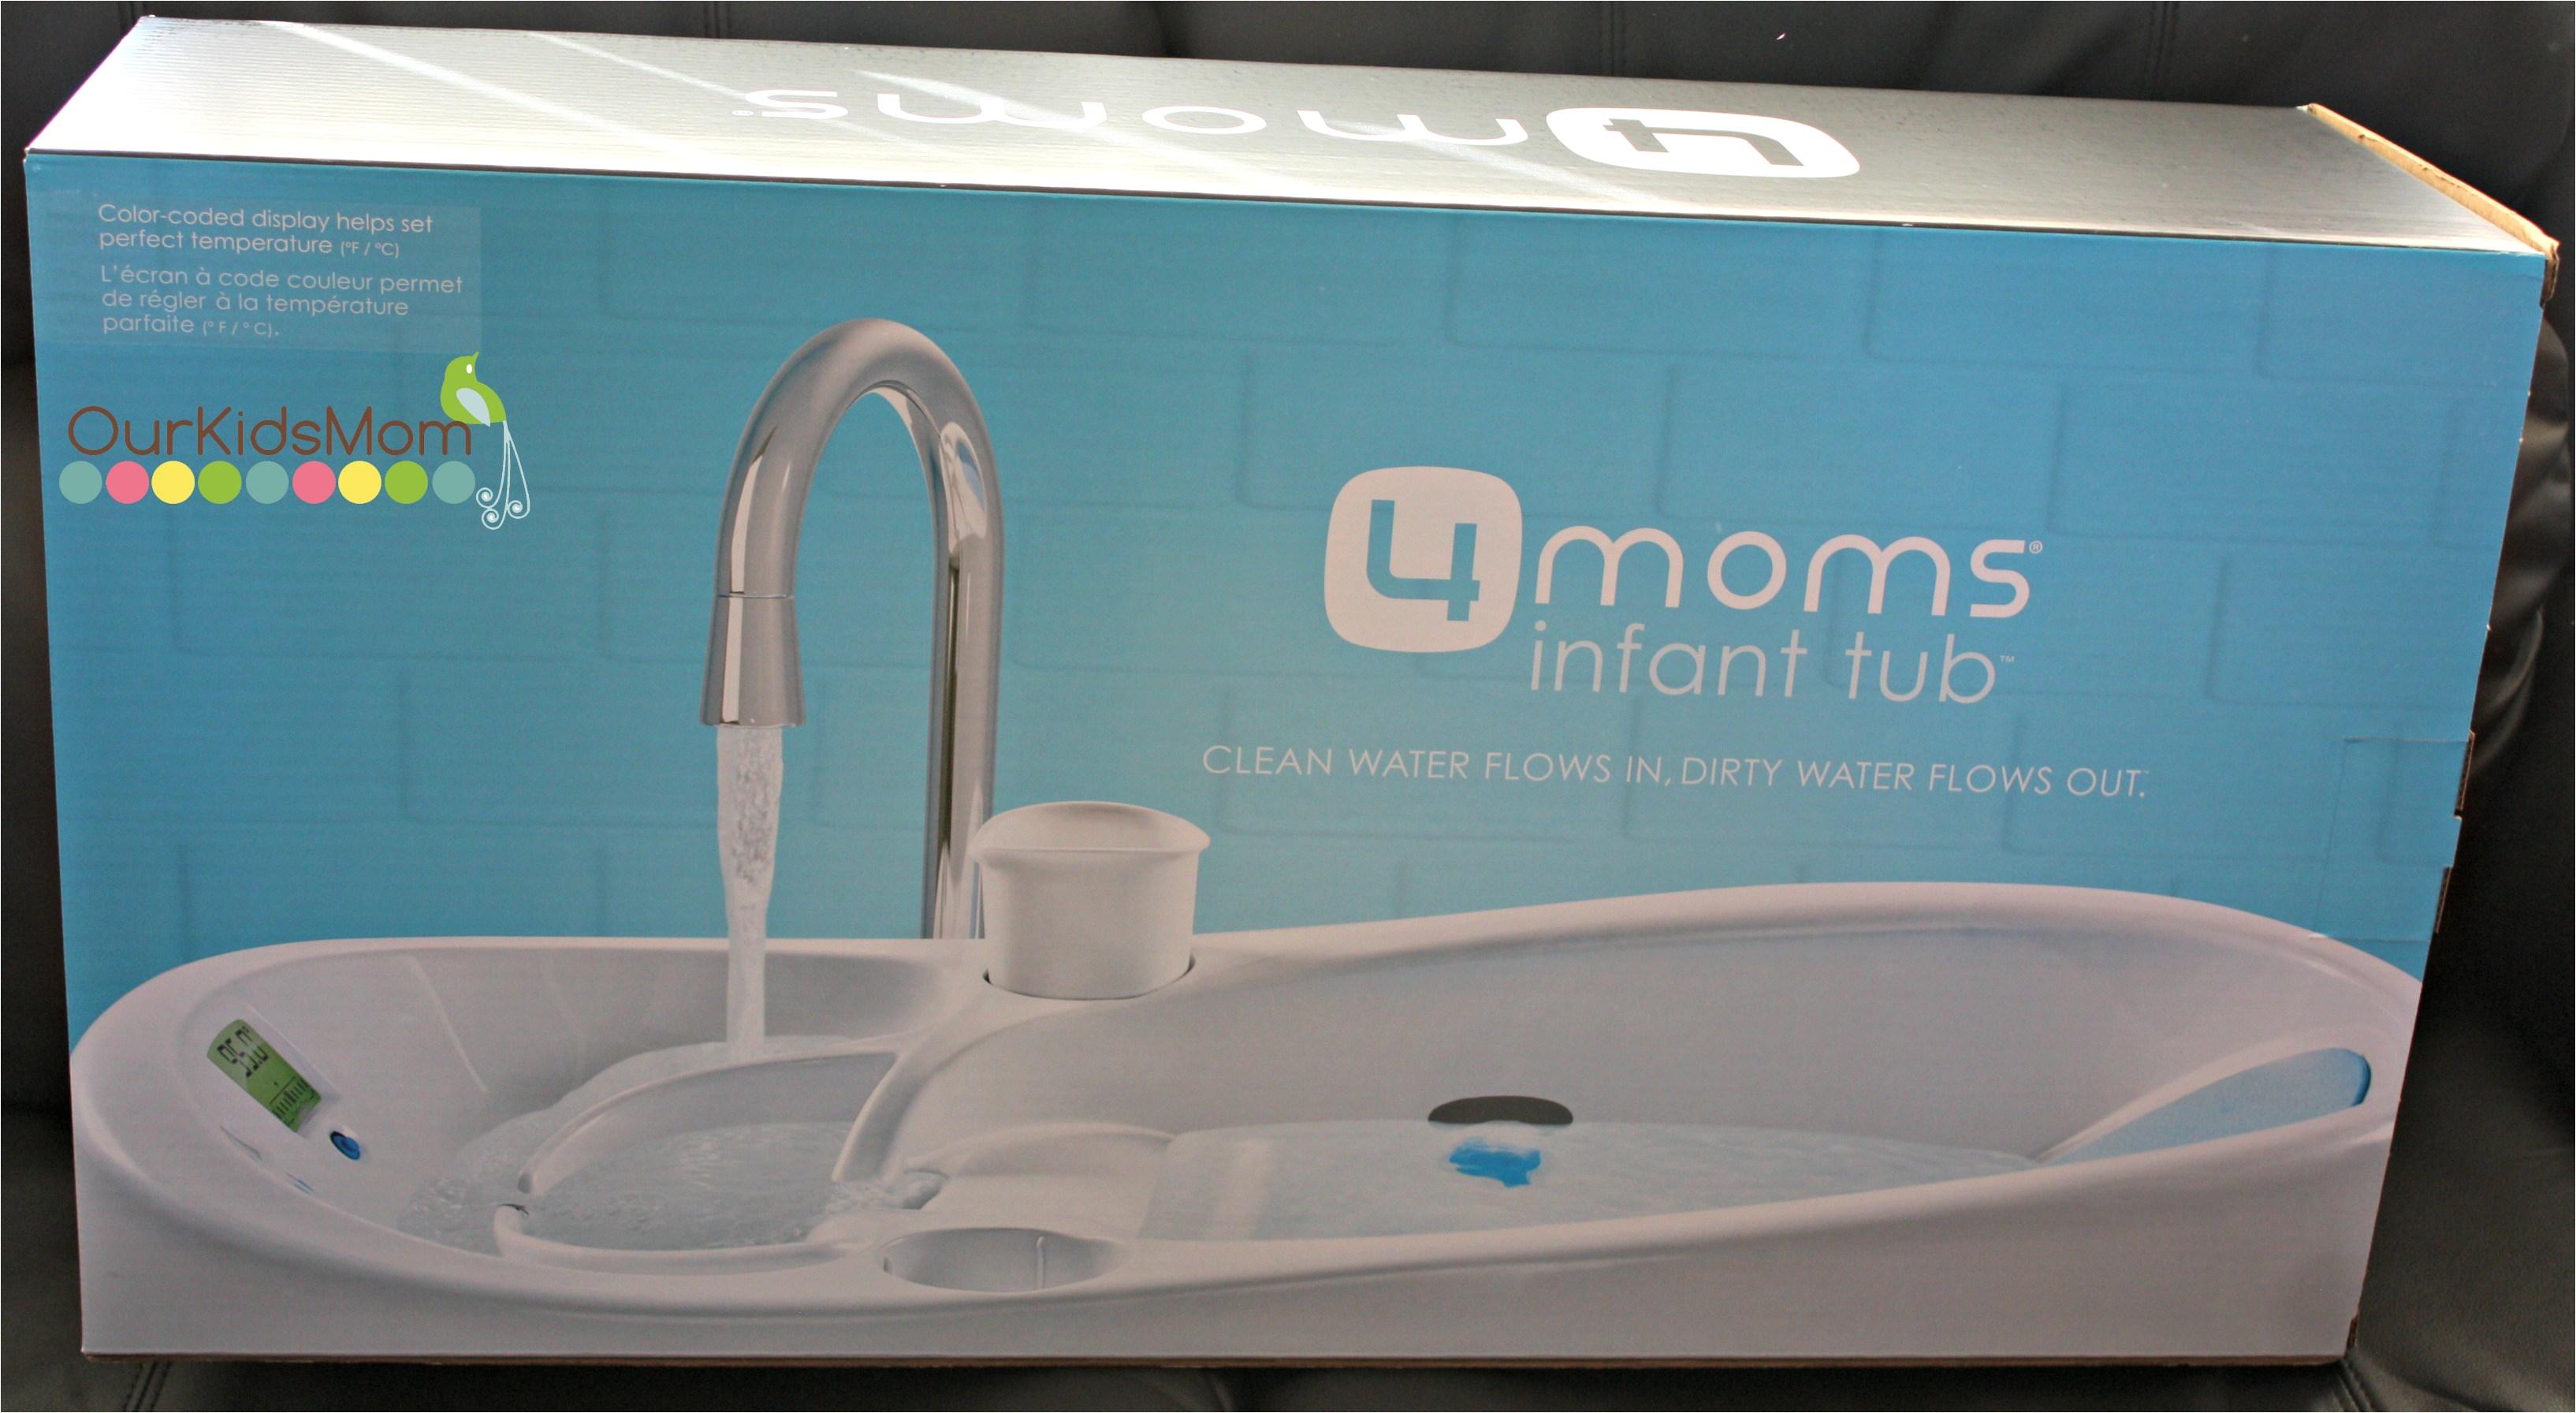 4 moms baby bathtub 28 images 4moms 174 infant tub target bath tubs